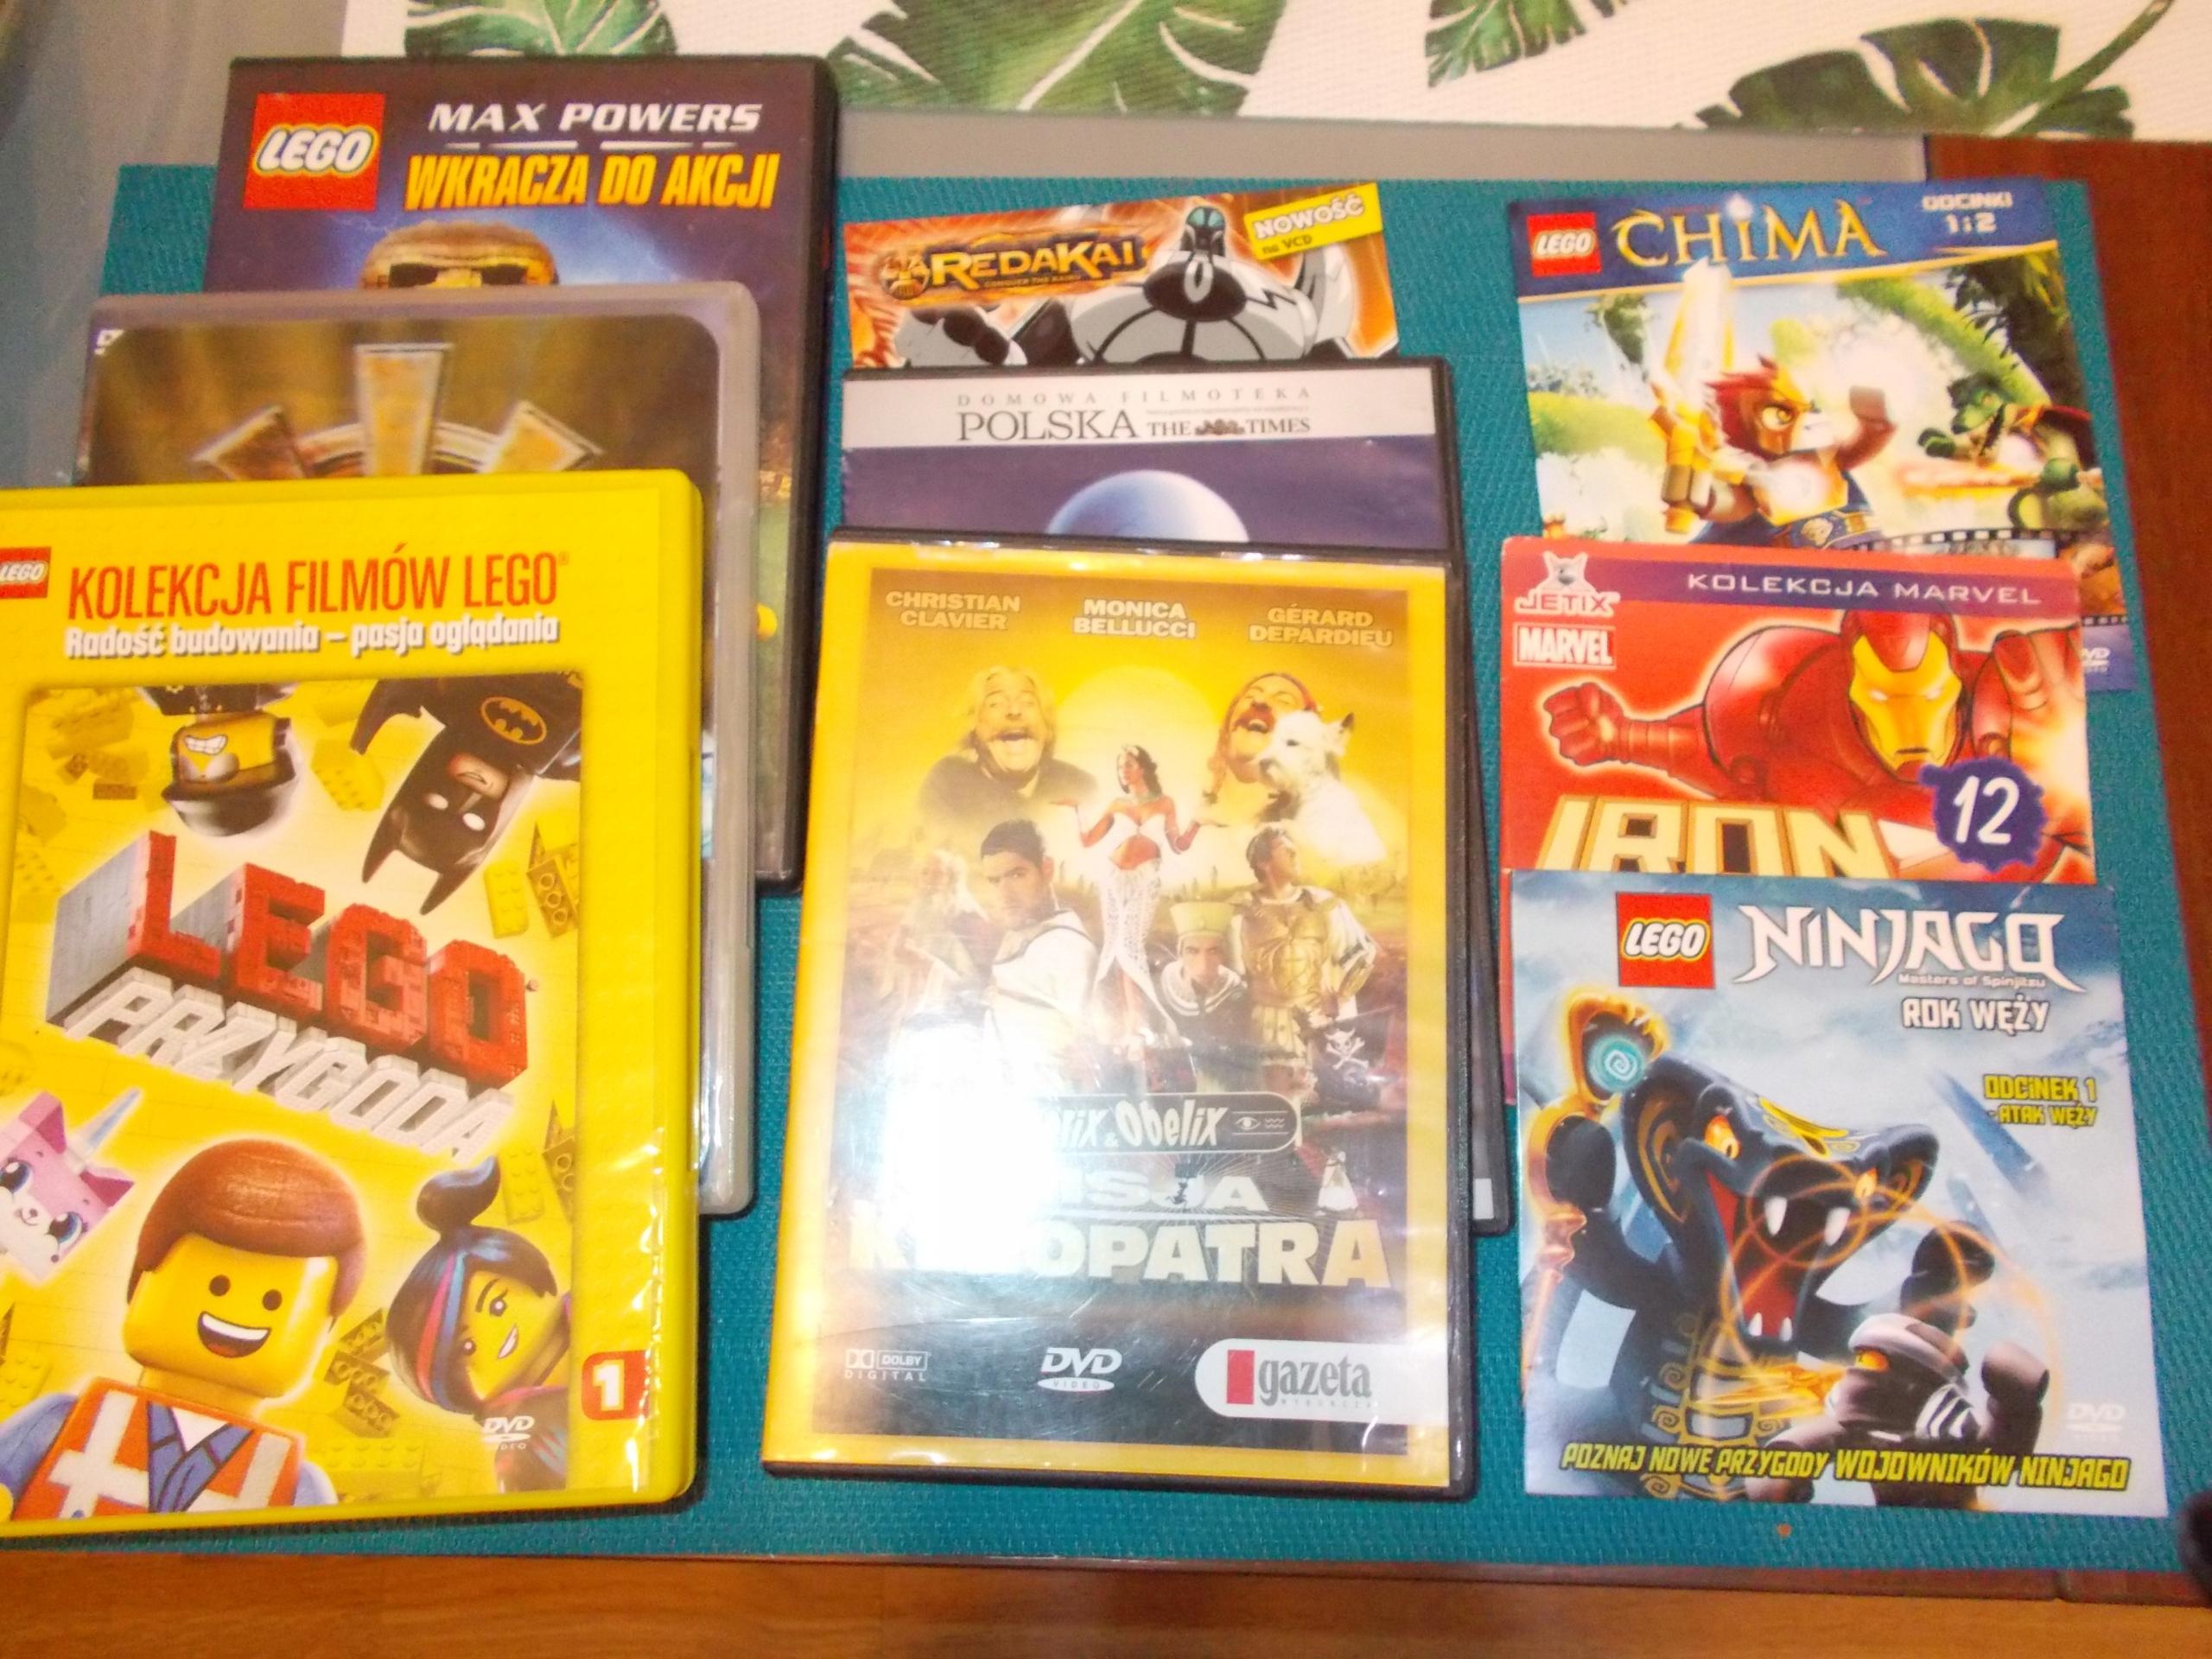 9 filmów dal dzieci w tym LEGO